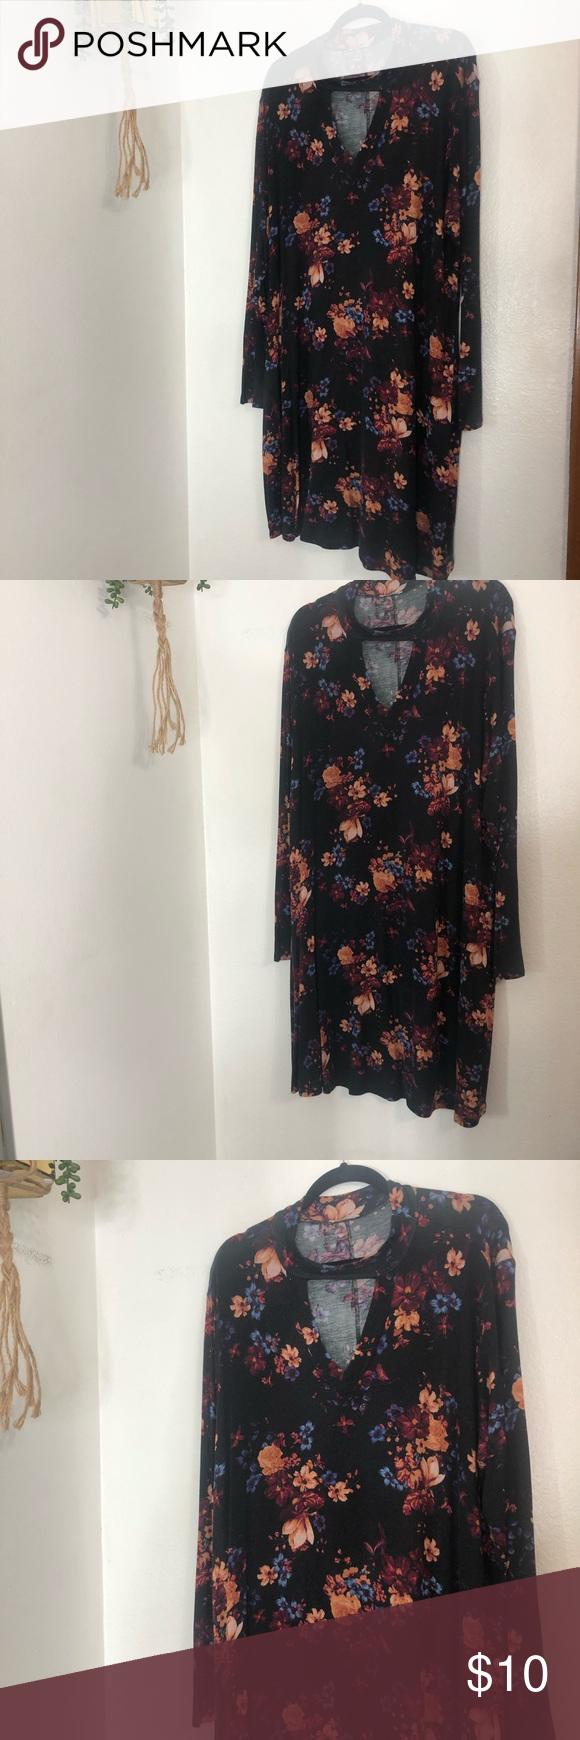 Brickwood Boutique Plus Size Floral Dress Clothes Design Floral Dress Boutique Dresses